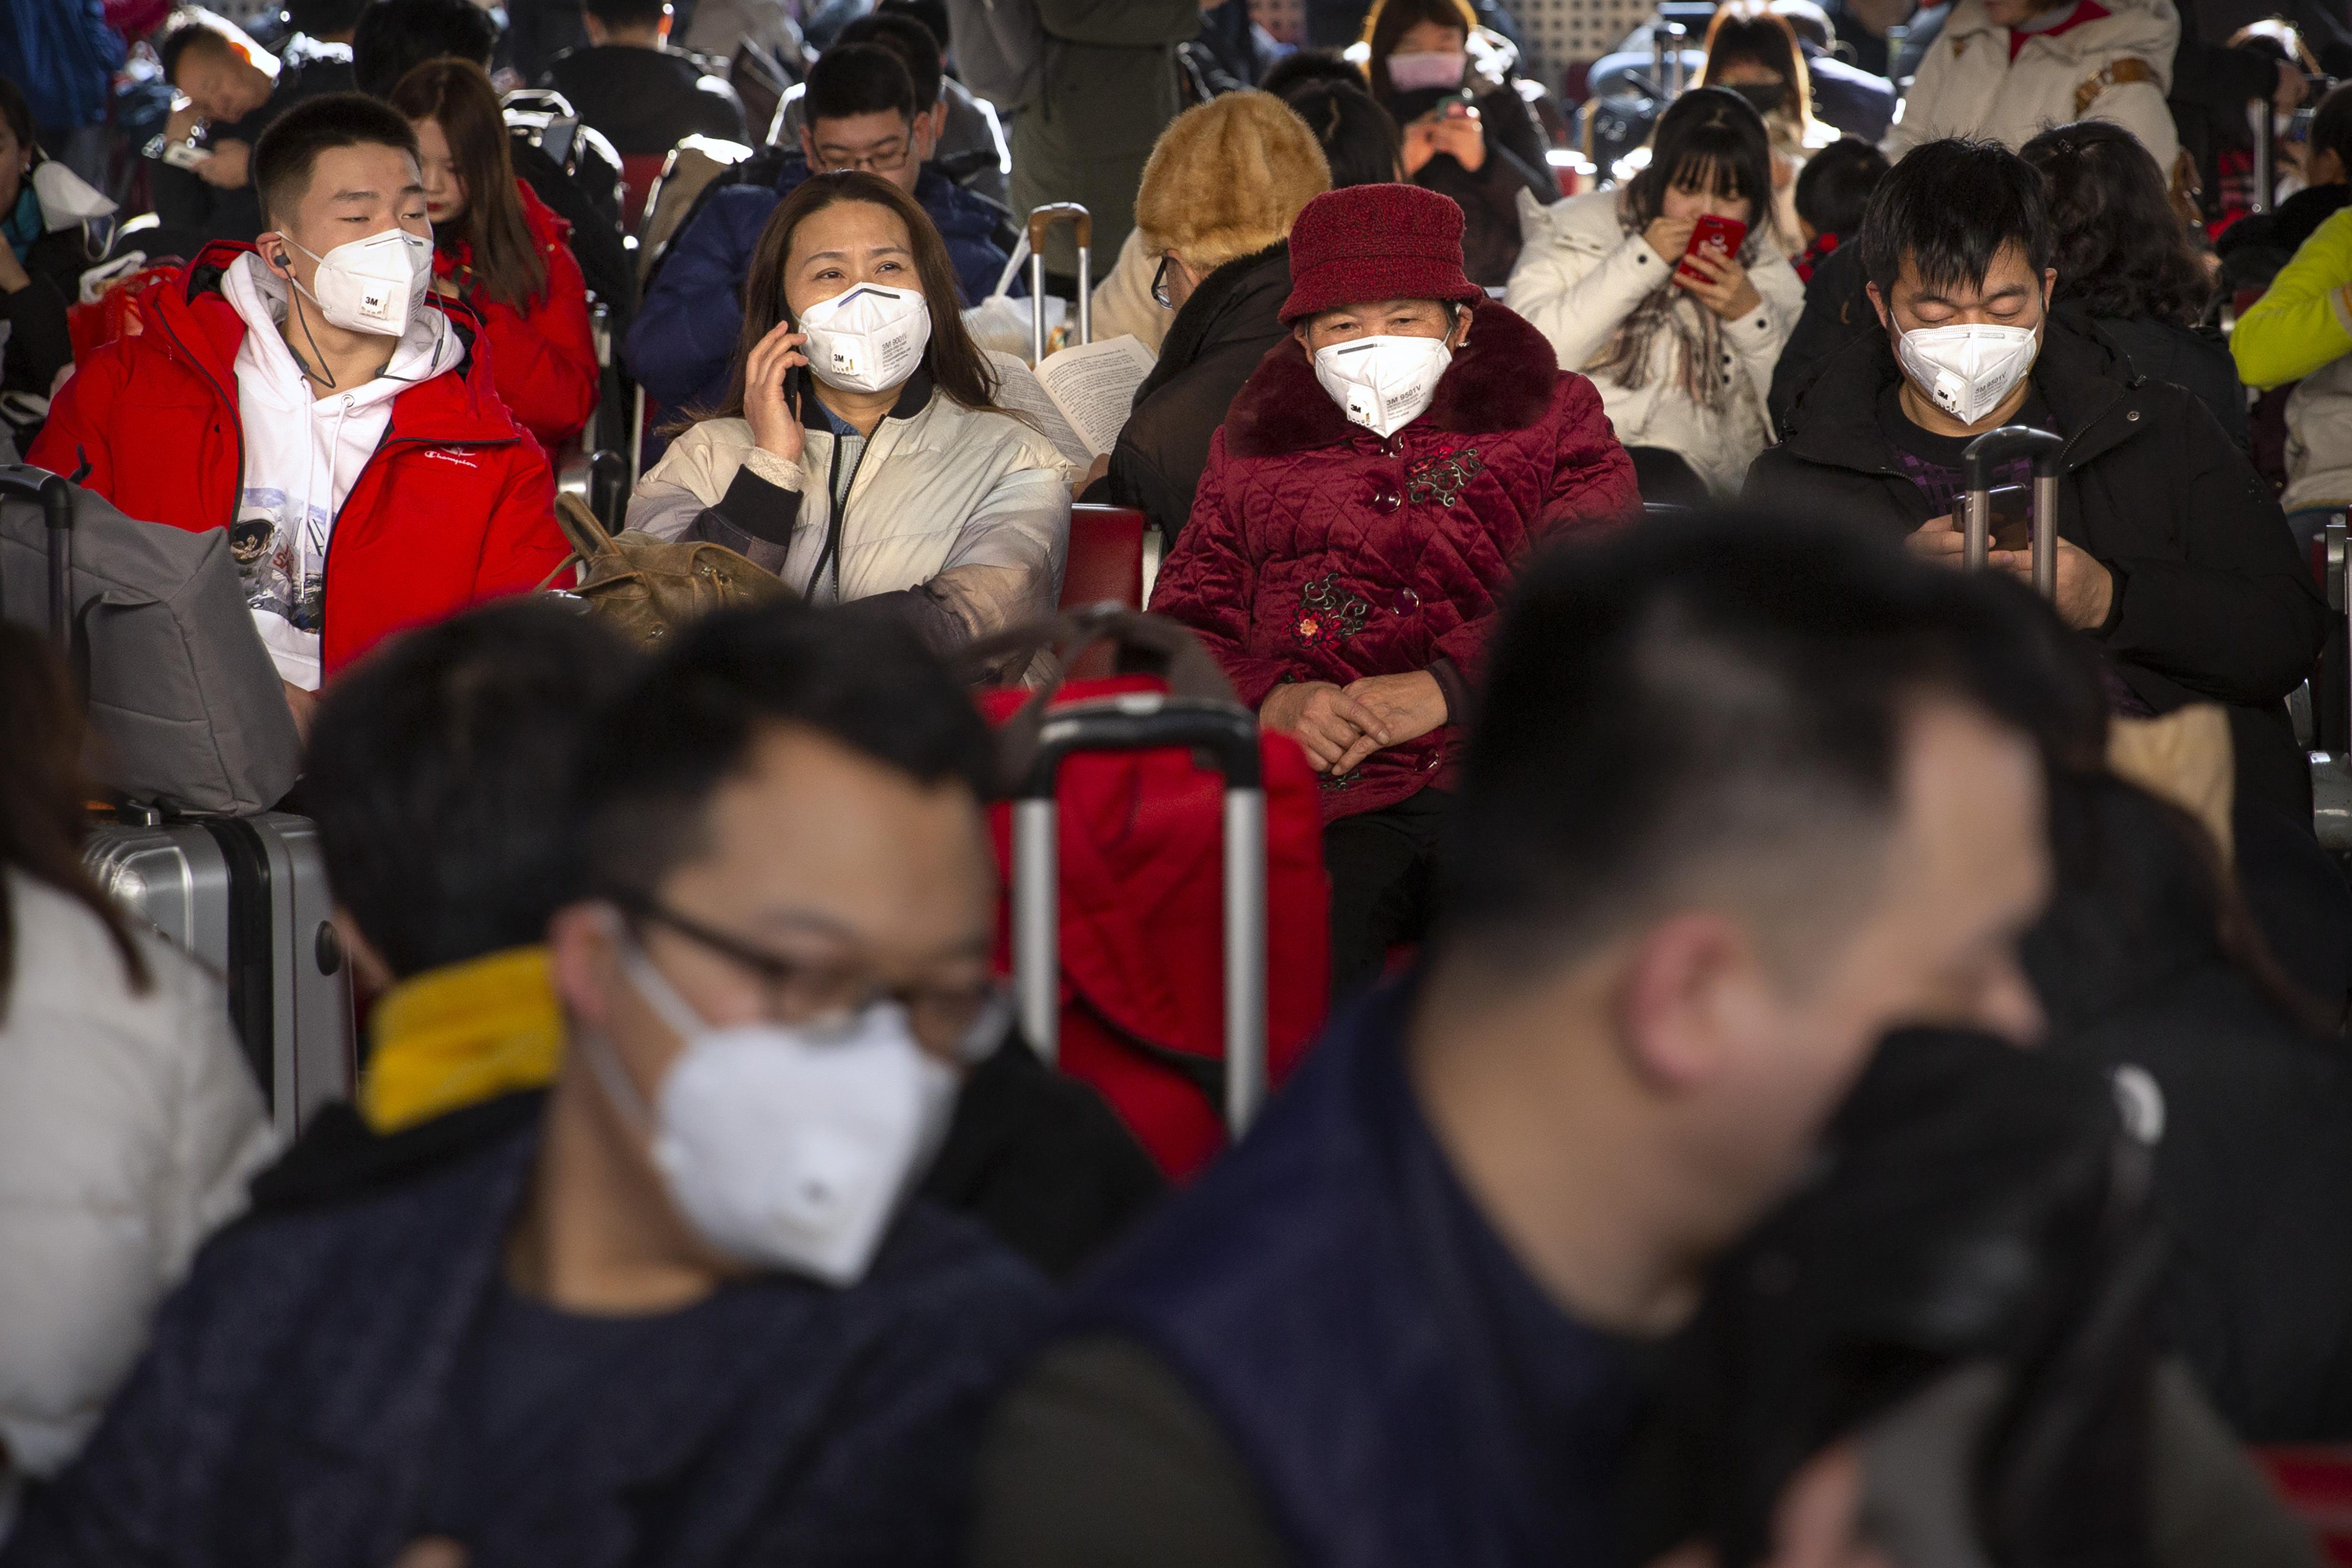 Los viajeros usan máscaras faciales mientras se sientan en una sala de espera en la Estación de Ferrocarril Oeste de Beijing en Beijing, el martes 21 de enero de 2020. Una cuarta persona murió en un brote de un nuevo coronavirus en China, dijeron las autoridades el martes. intensificó el examen médico de los viajeros del país a medida que entra en su período de mayor actividad. (Foto AP / Mark Schiefelbein)